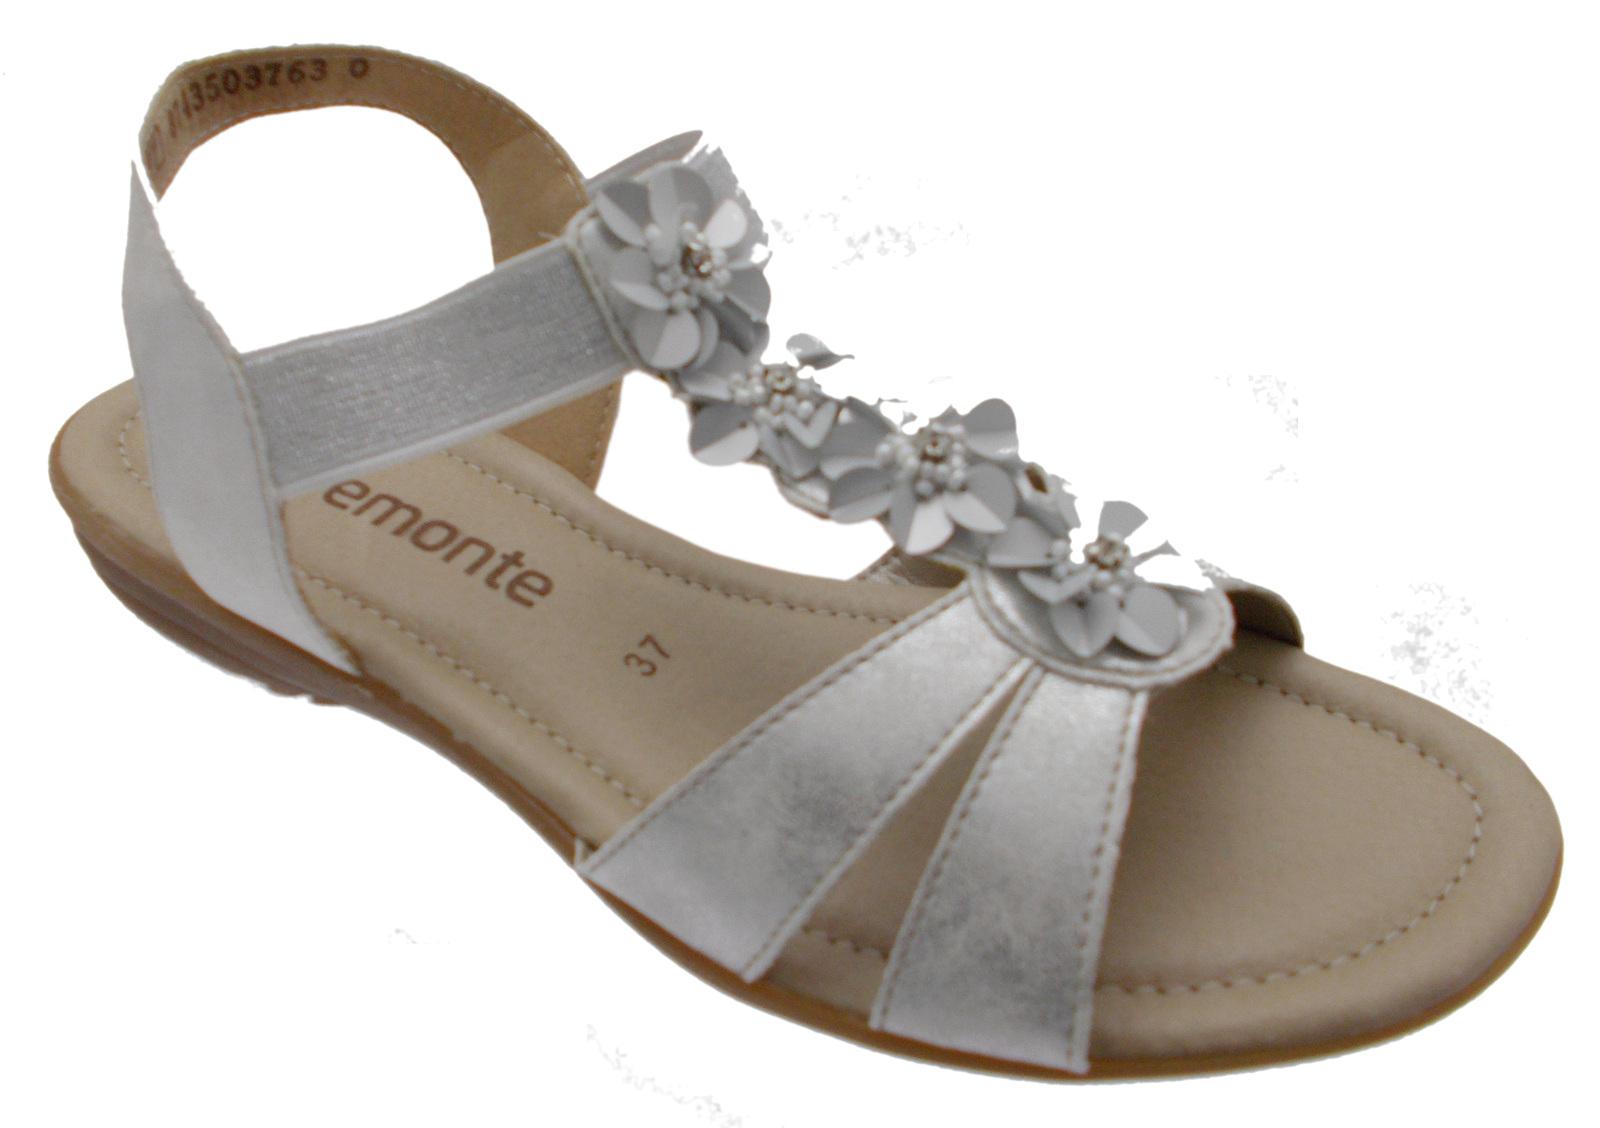 R3633-90 sandalo donna argentooo bianco fiori soft memory Remonte